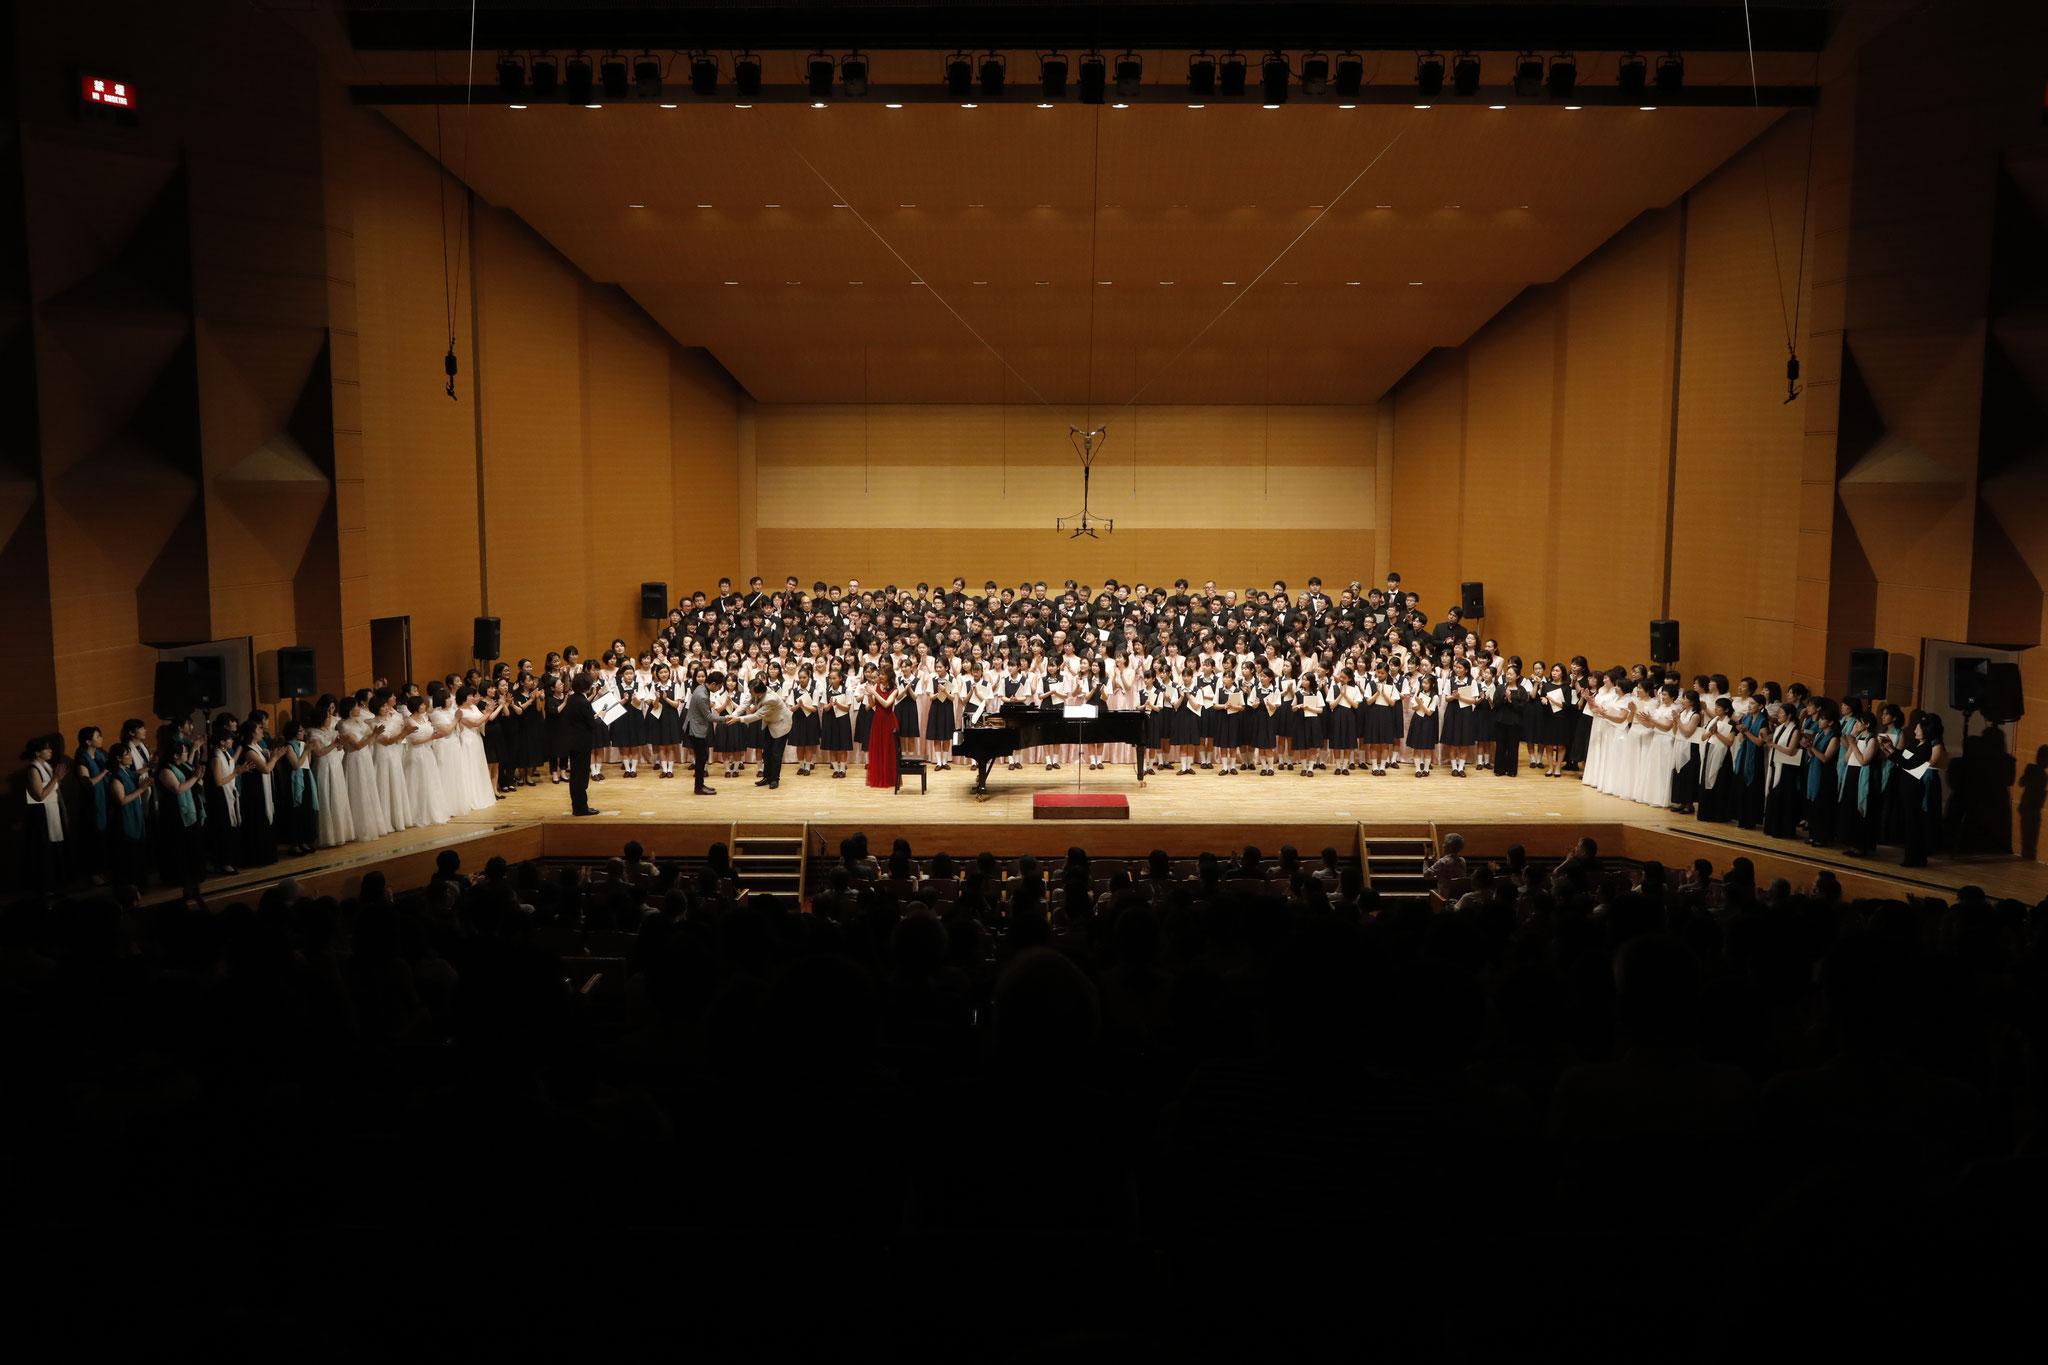 クロージングコンサート《作曲家個展シリーズVol.8信長貴富》合同合唱 指揮:清水昭